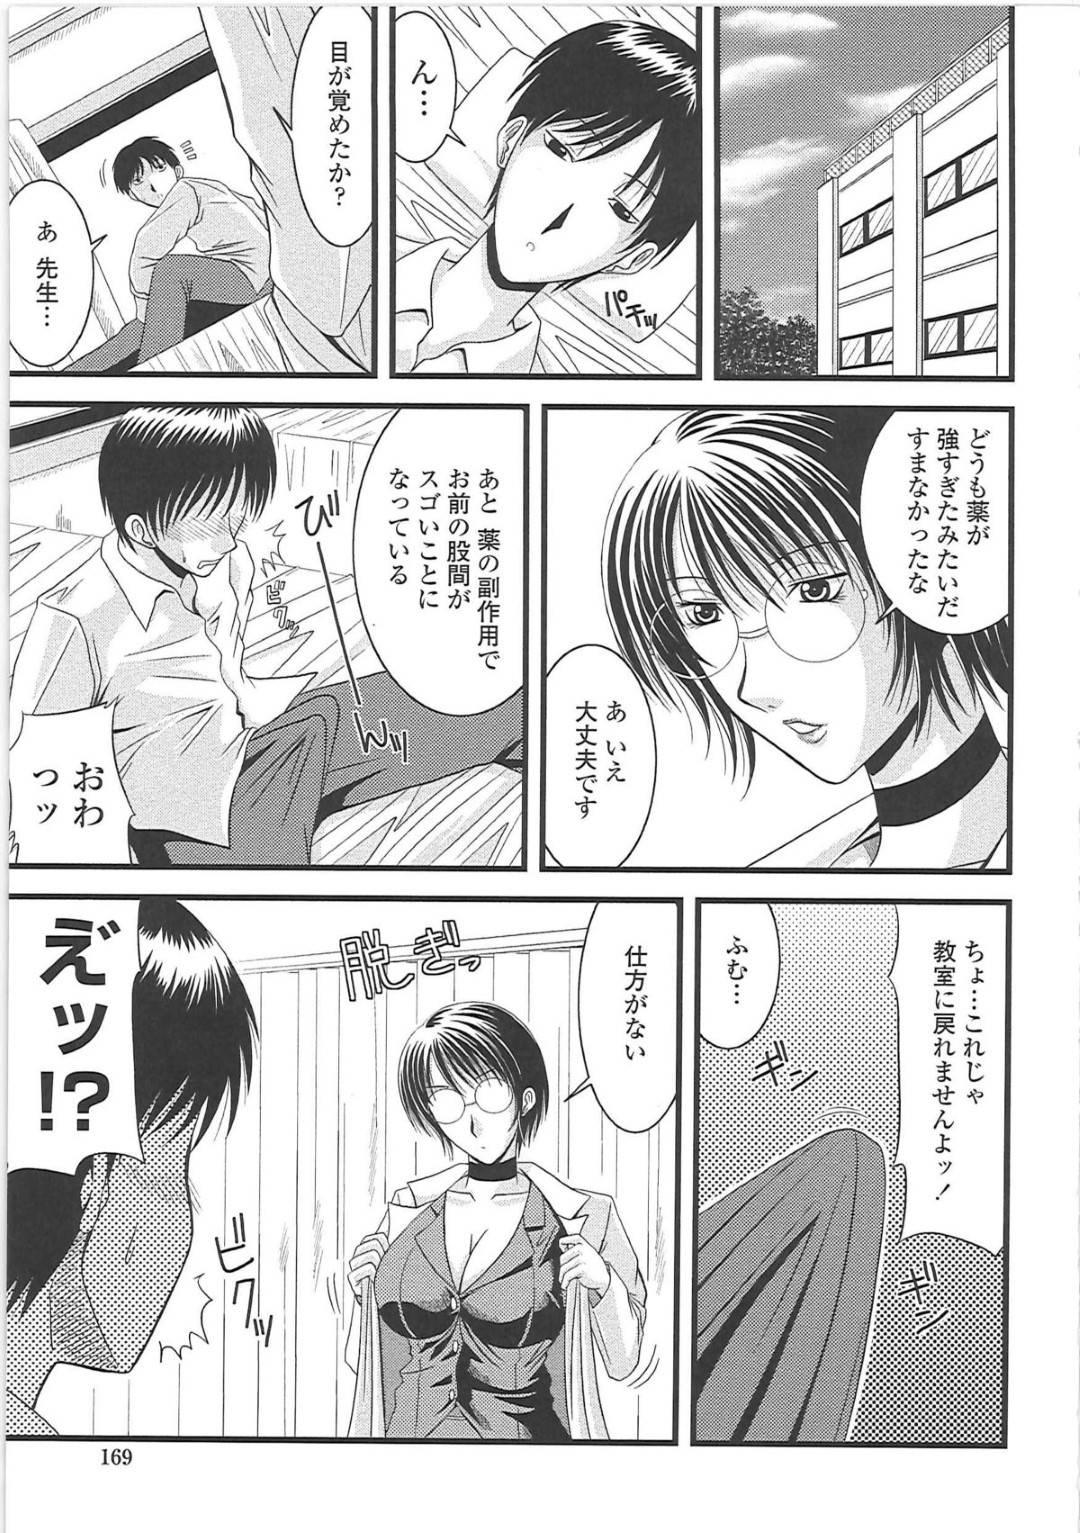 【エロ漫画】風邪で保健室の現れた男子生徒に薬を投与した女教師…しかし彼は副作用のせいでフル勃起状態になってしまい、彼女はそんな彼のチンポを落ち着かせるべく、フェラや中出しセックスさせる!【柊流架:秘密の保健室】